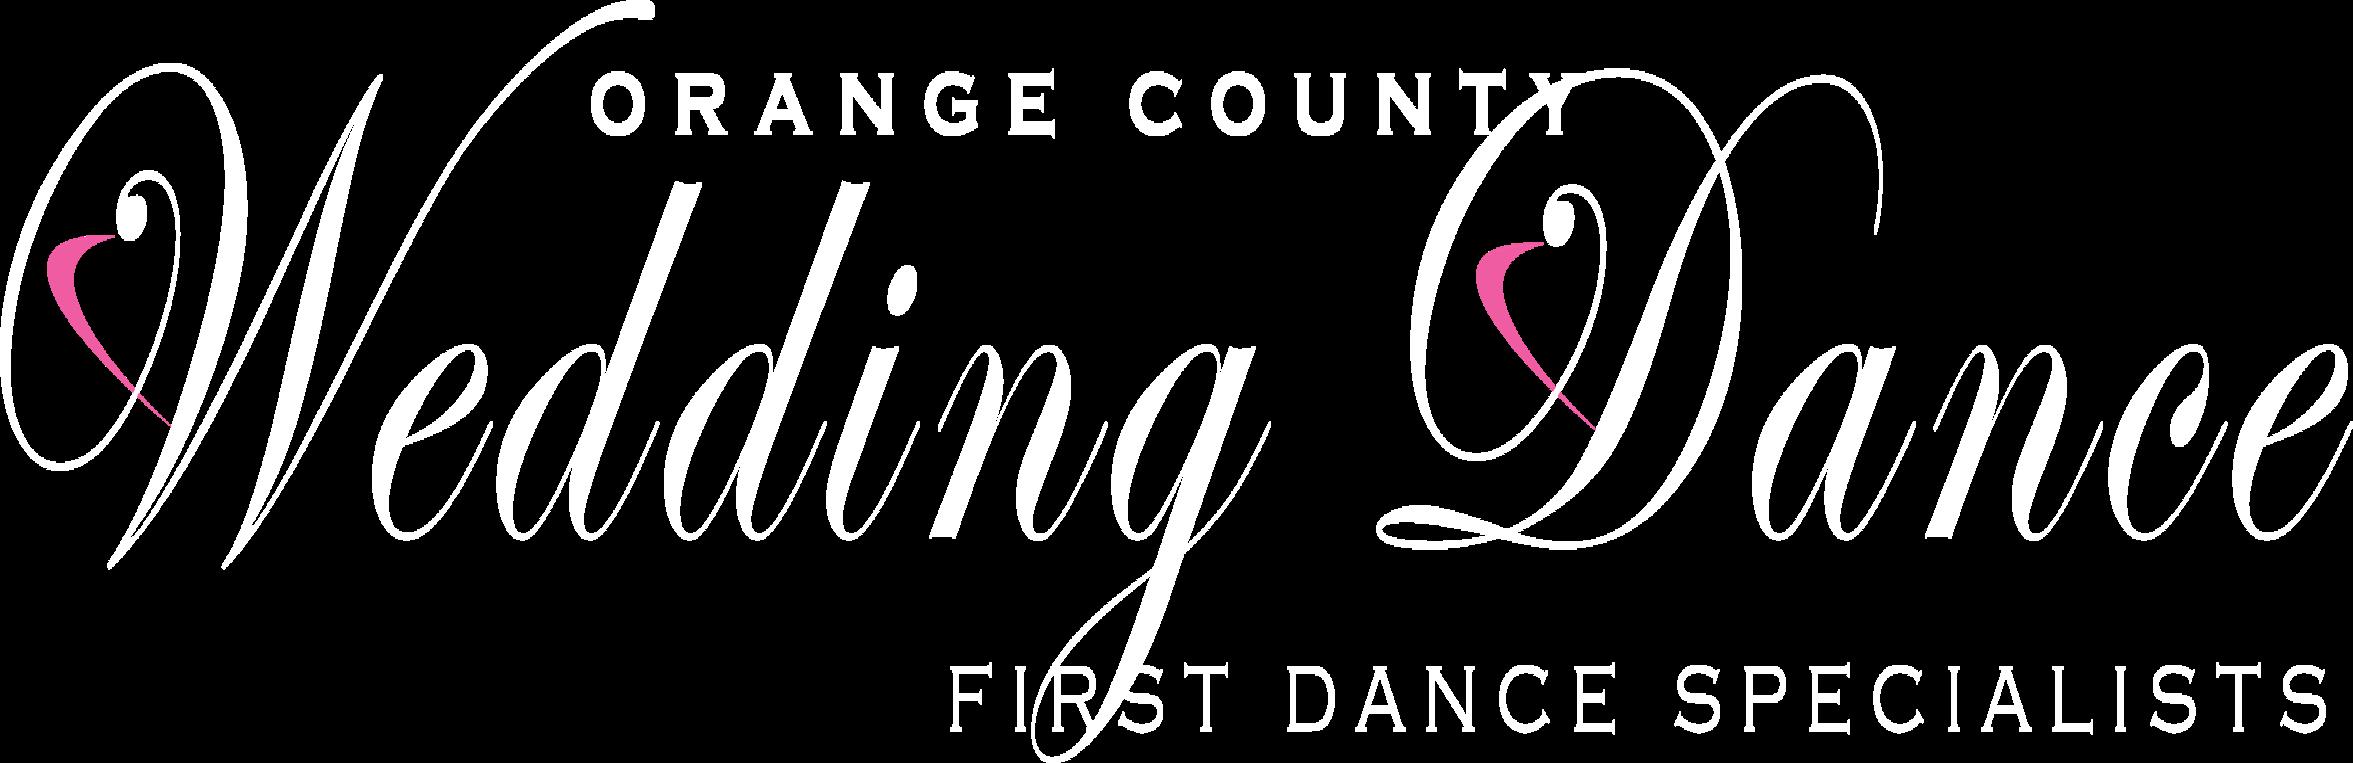 Highest Rated Wedding Dance School In Orange County